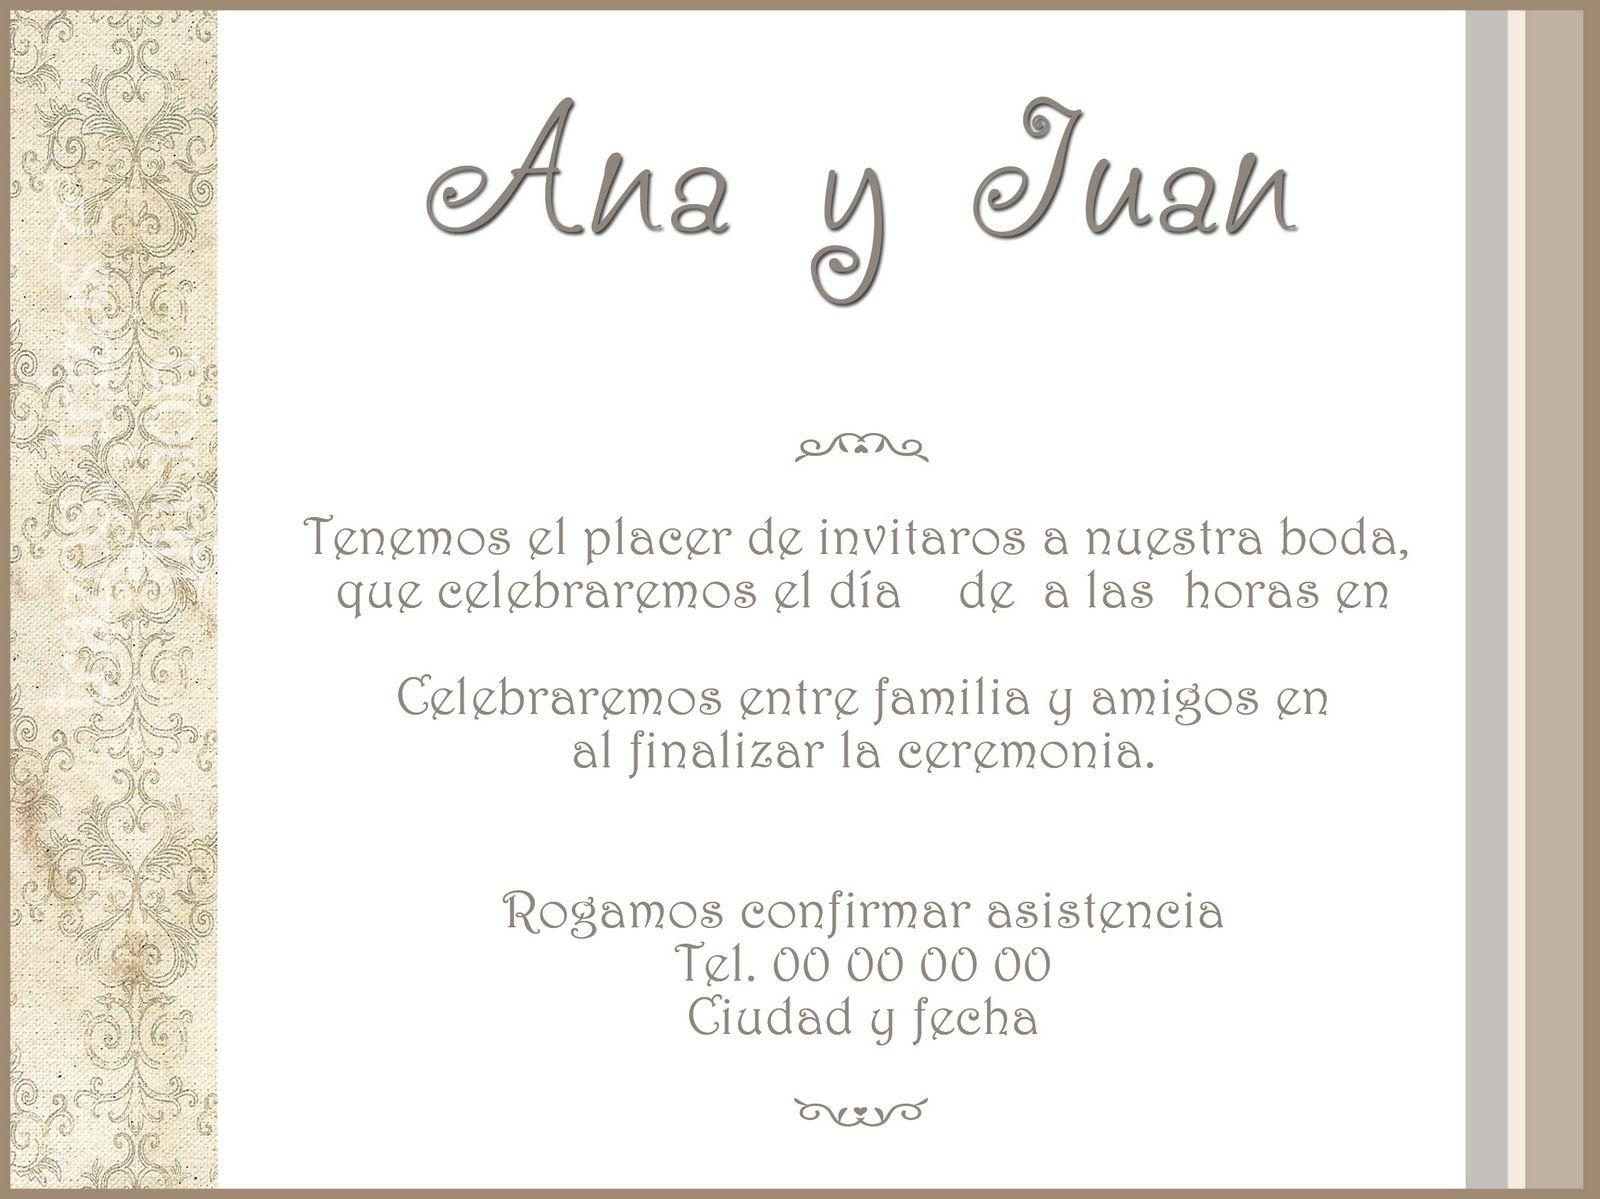 Invitaciones De Casamiento Para Imprimir Gratis En Hd Gratis 2 HD ...